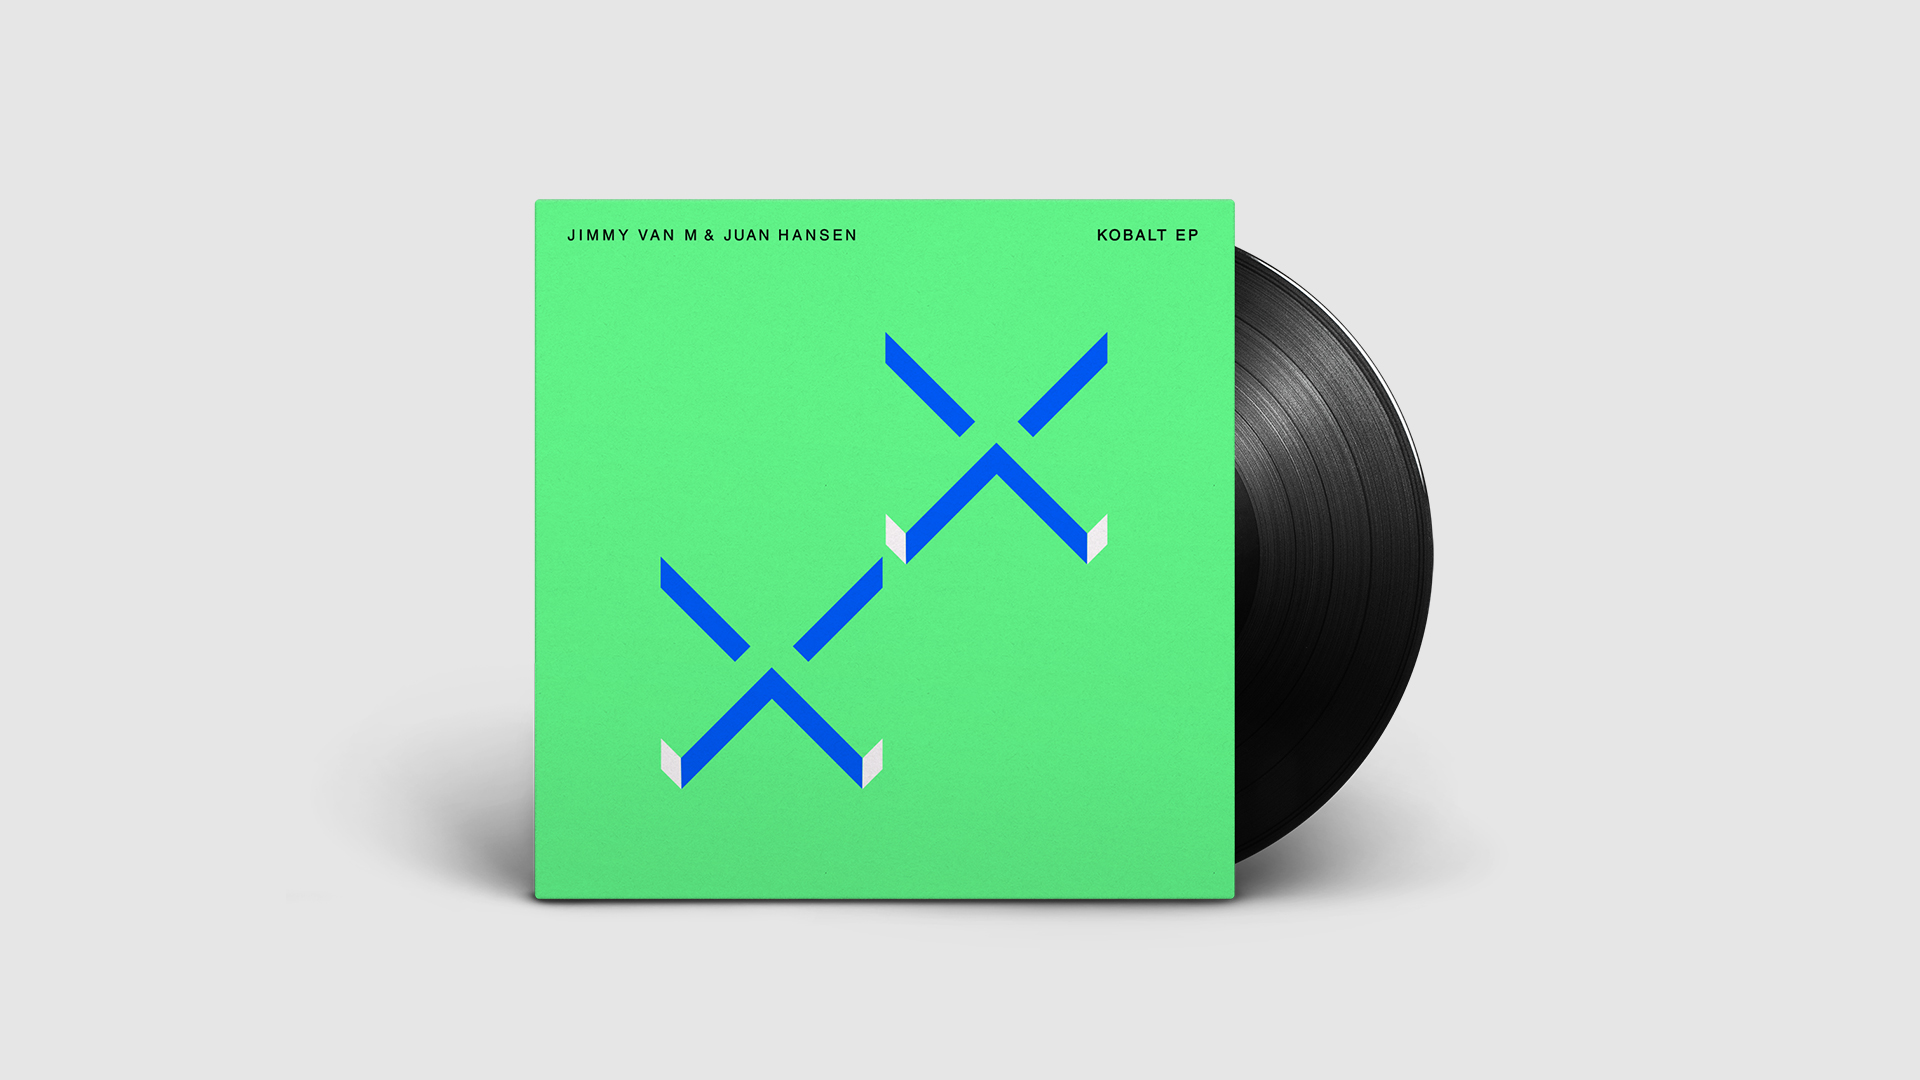 JIMMY VAN M : JUAN HANSEN - Kobalt EP (Bedrock)